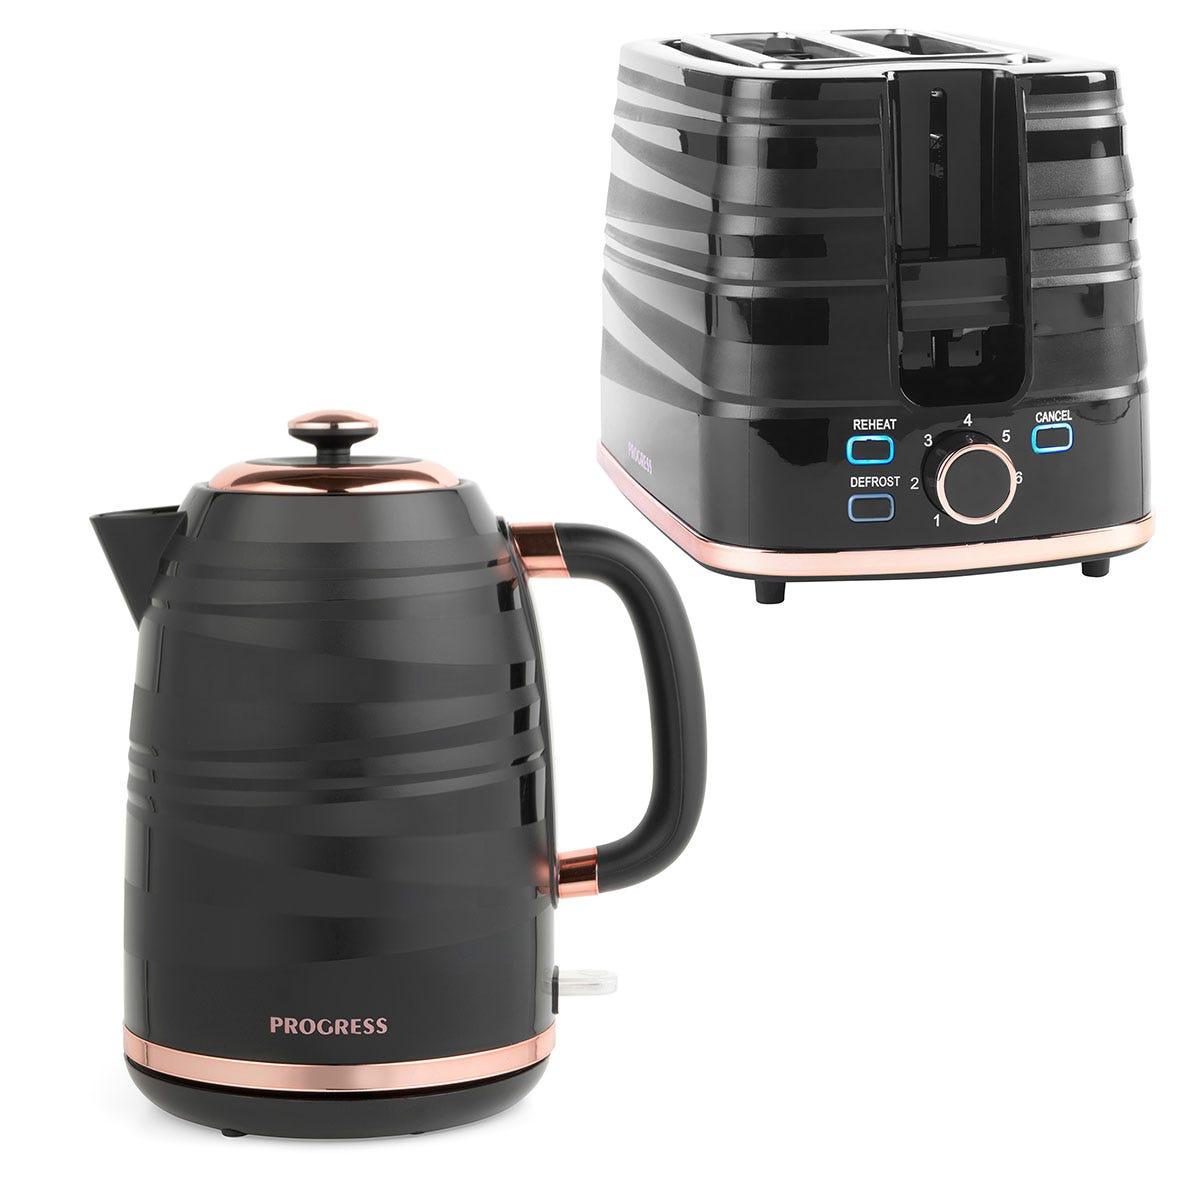 Progress COMBO-7280 Jupiter 2-Slice Toaster and 1.7L Kettle - Black & Rose Gold